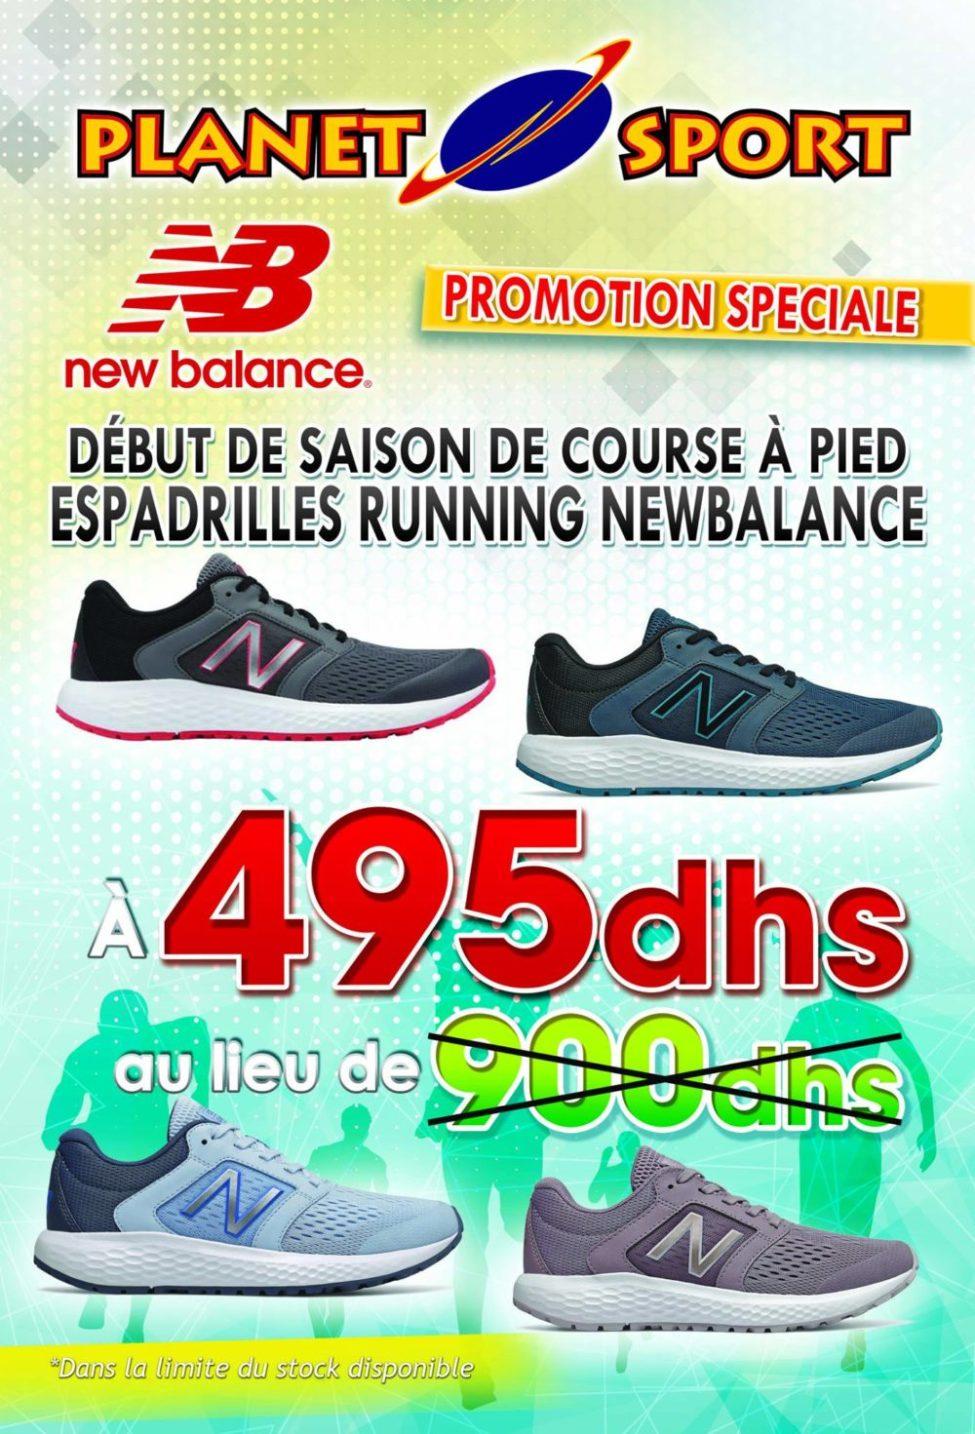 Promo Spéciale Planet Sport Espadrilles de course New Balance Femmes/Hommes 495Dhs au lieu de 900Dhs